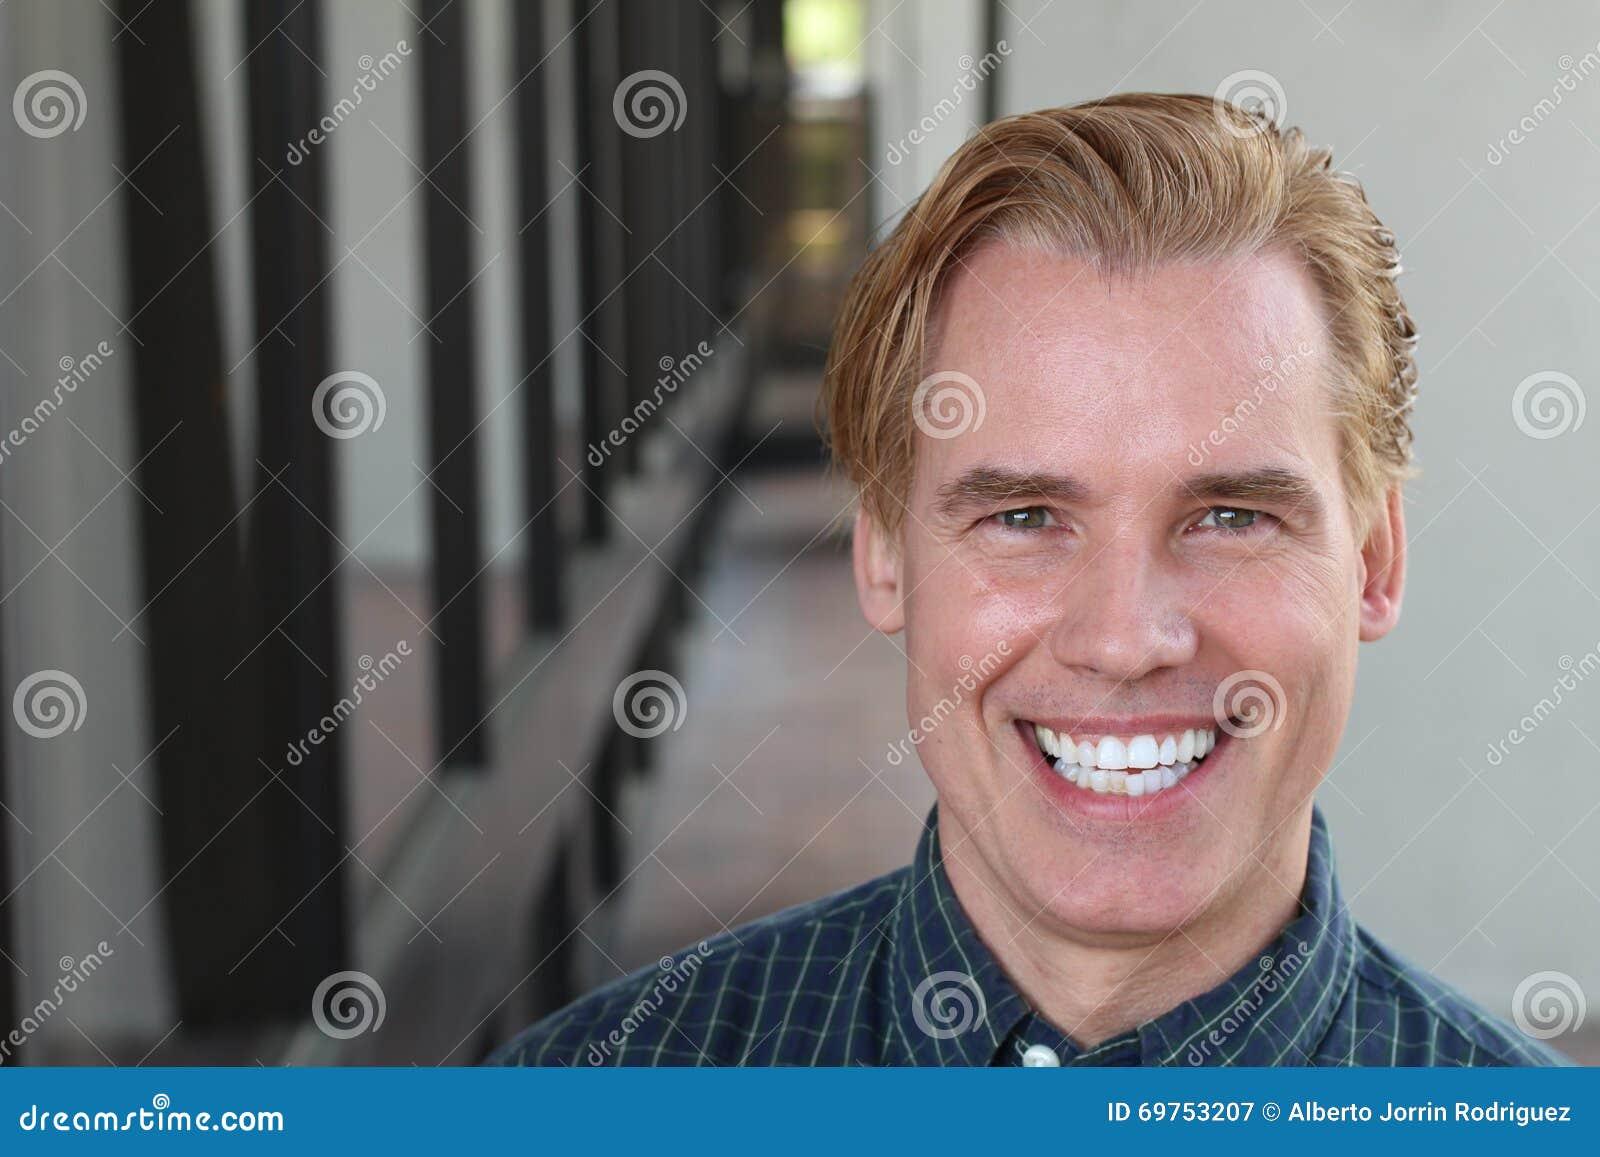 Porträt des gutaussehenden Mannes mit einem PERFEKTEN LÄCHELN